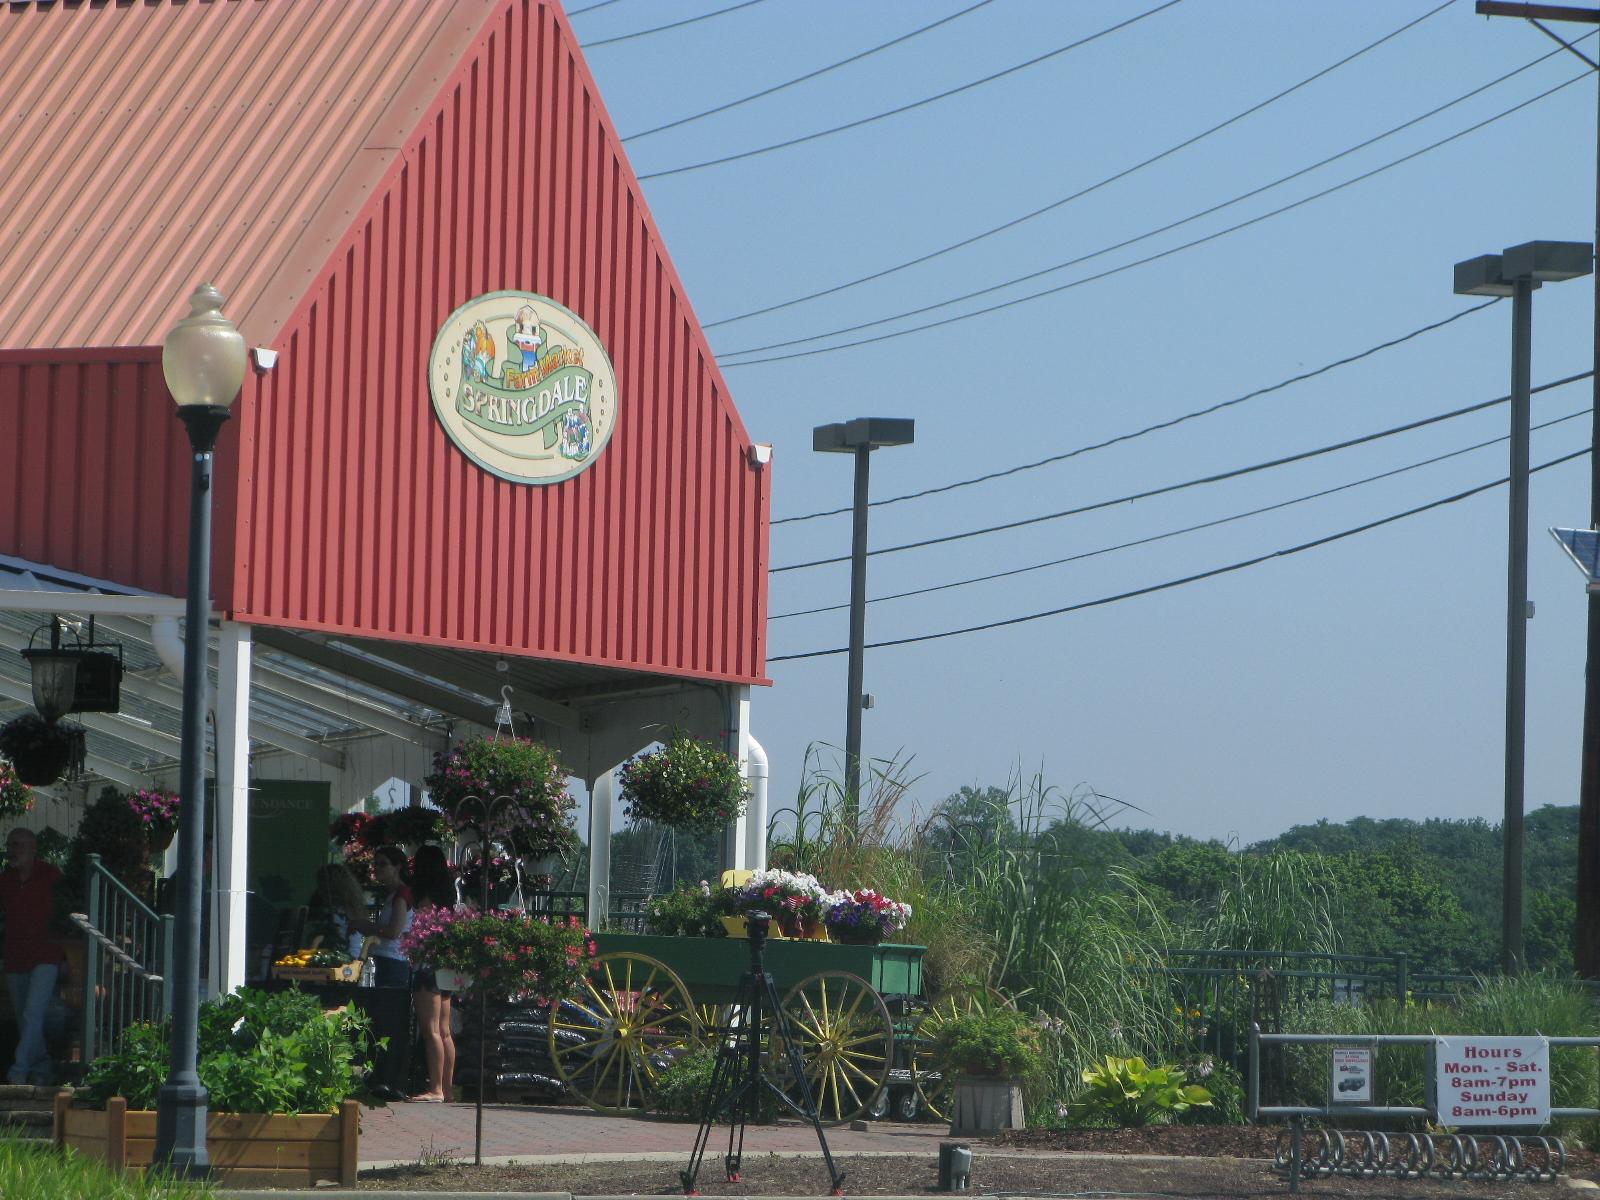 Springdale Farms Wikipedia